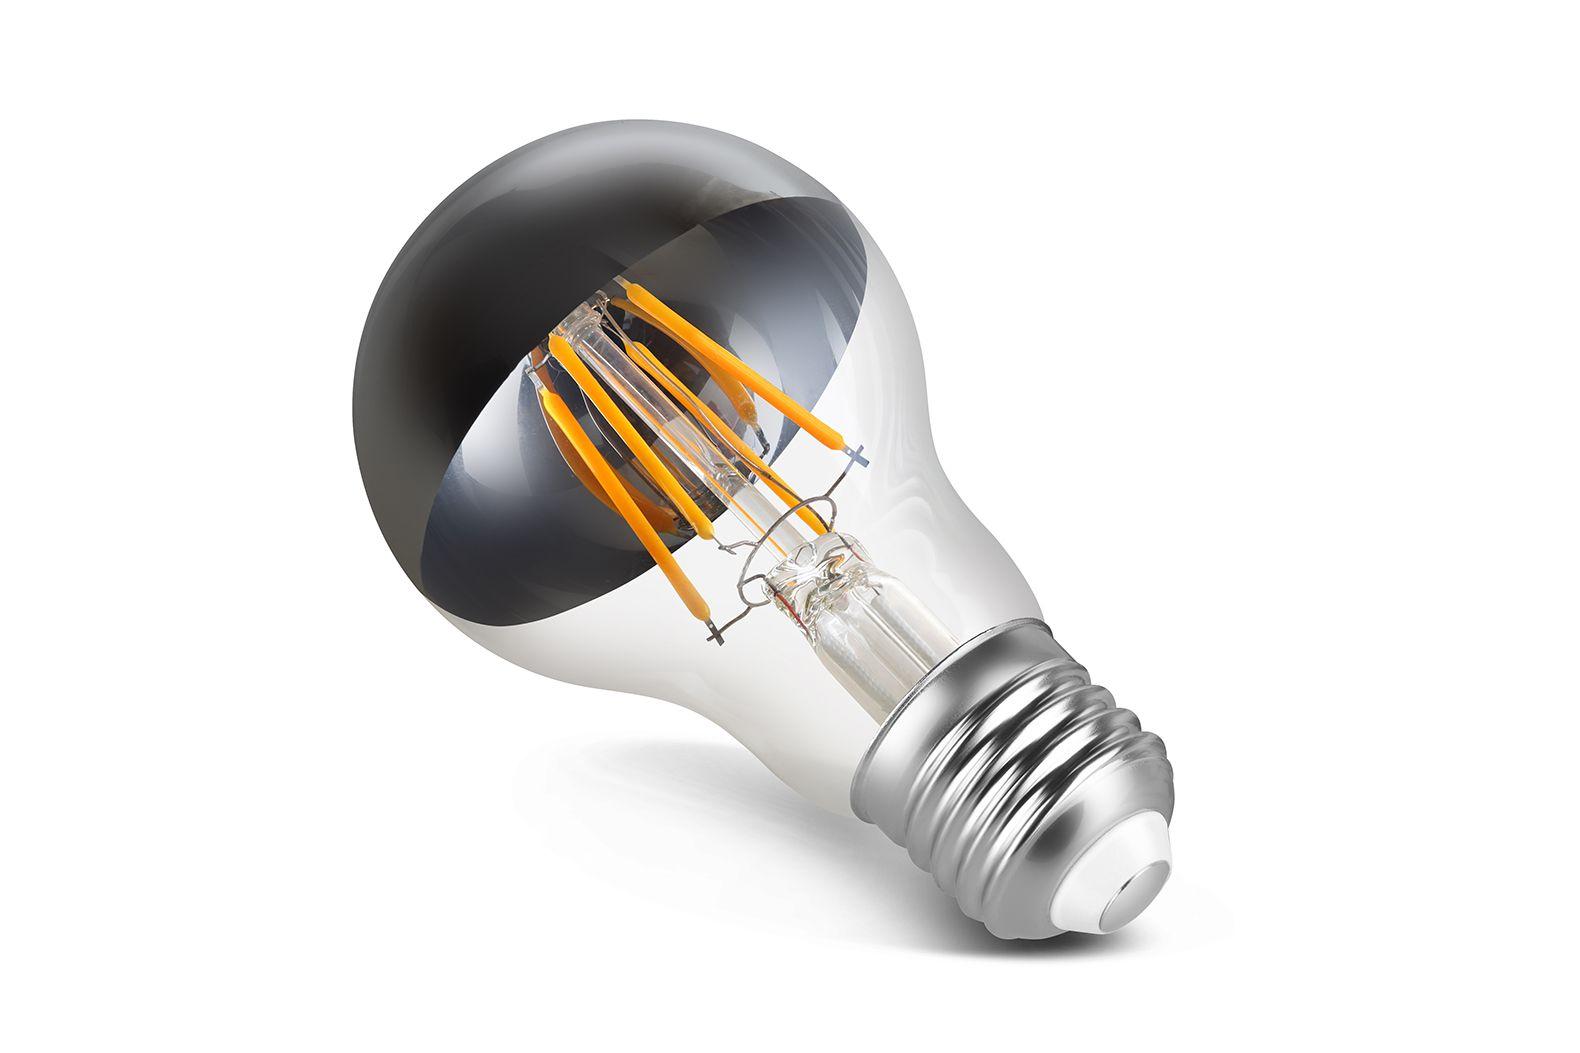 Lâmpada LED Save Energy SE-345.1393 Bulbo Filamento Espelhada A60 4W 2200K 360G Bivolt